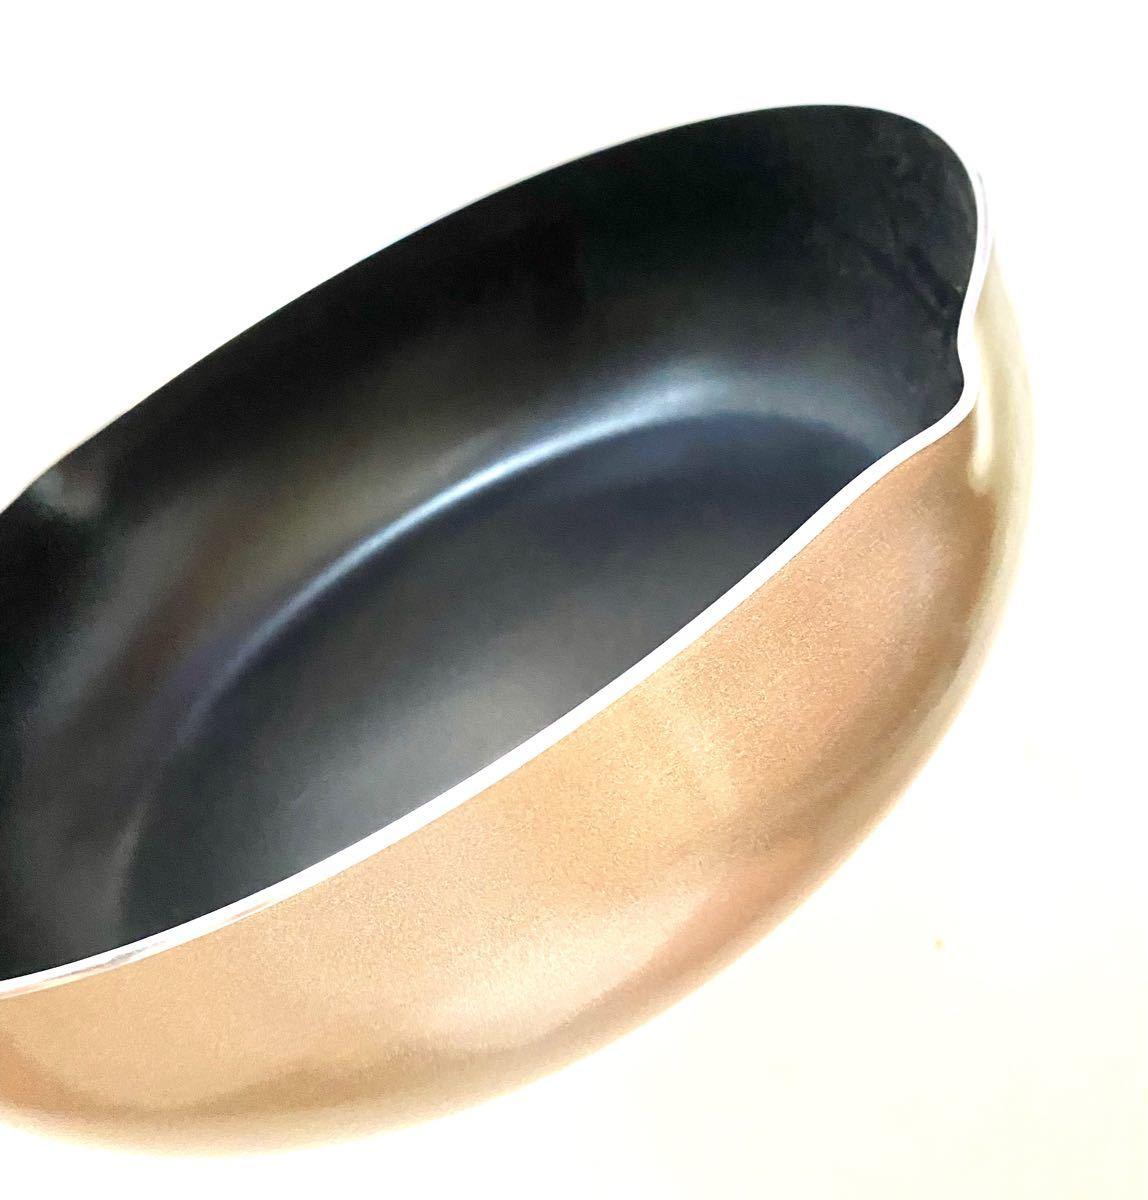 ストリックスデザイン 2層フッ素樹脂塗膜加工+内面二層コーティングIH対応 超軽量 深型両口フライパン 28cm UF-082新品